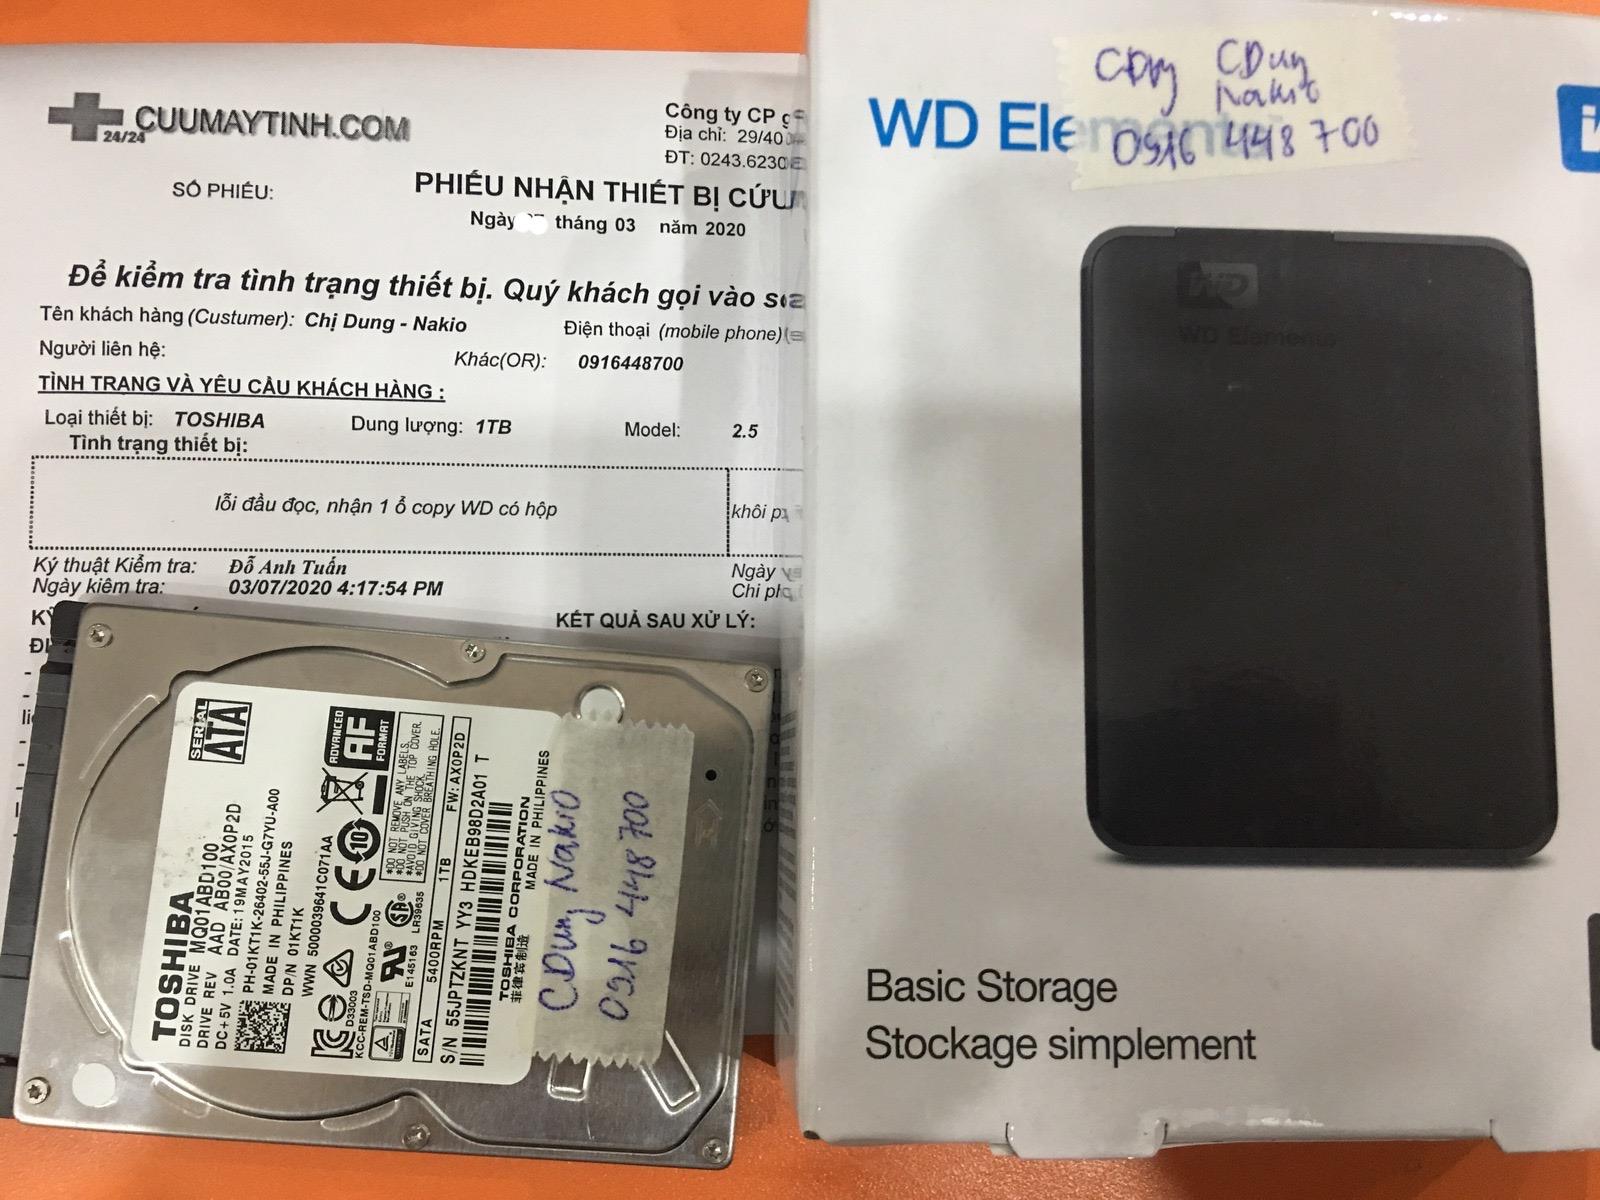 Cứu dữ liệu ổ cứng Toshiba 1TB lỗi đầu đọc 21/03/2020 - cuumaytinh